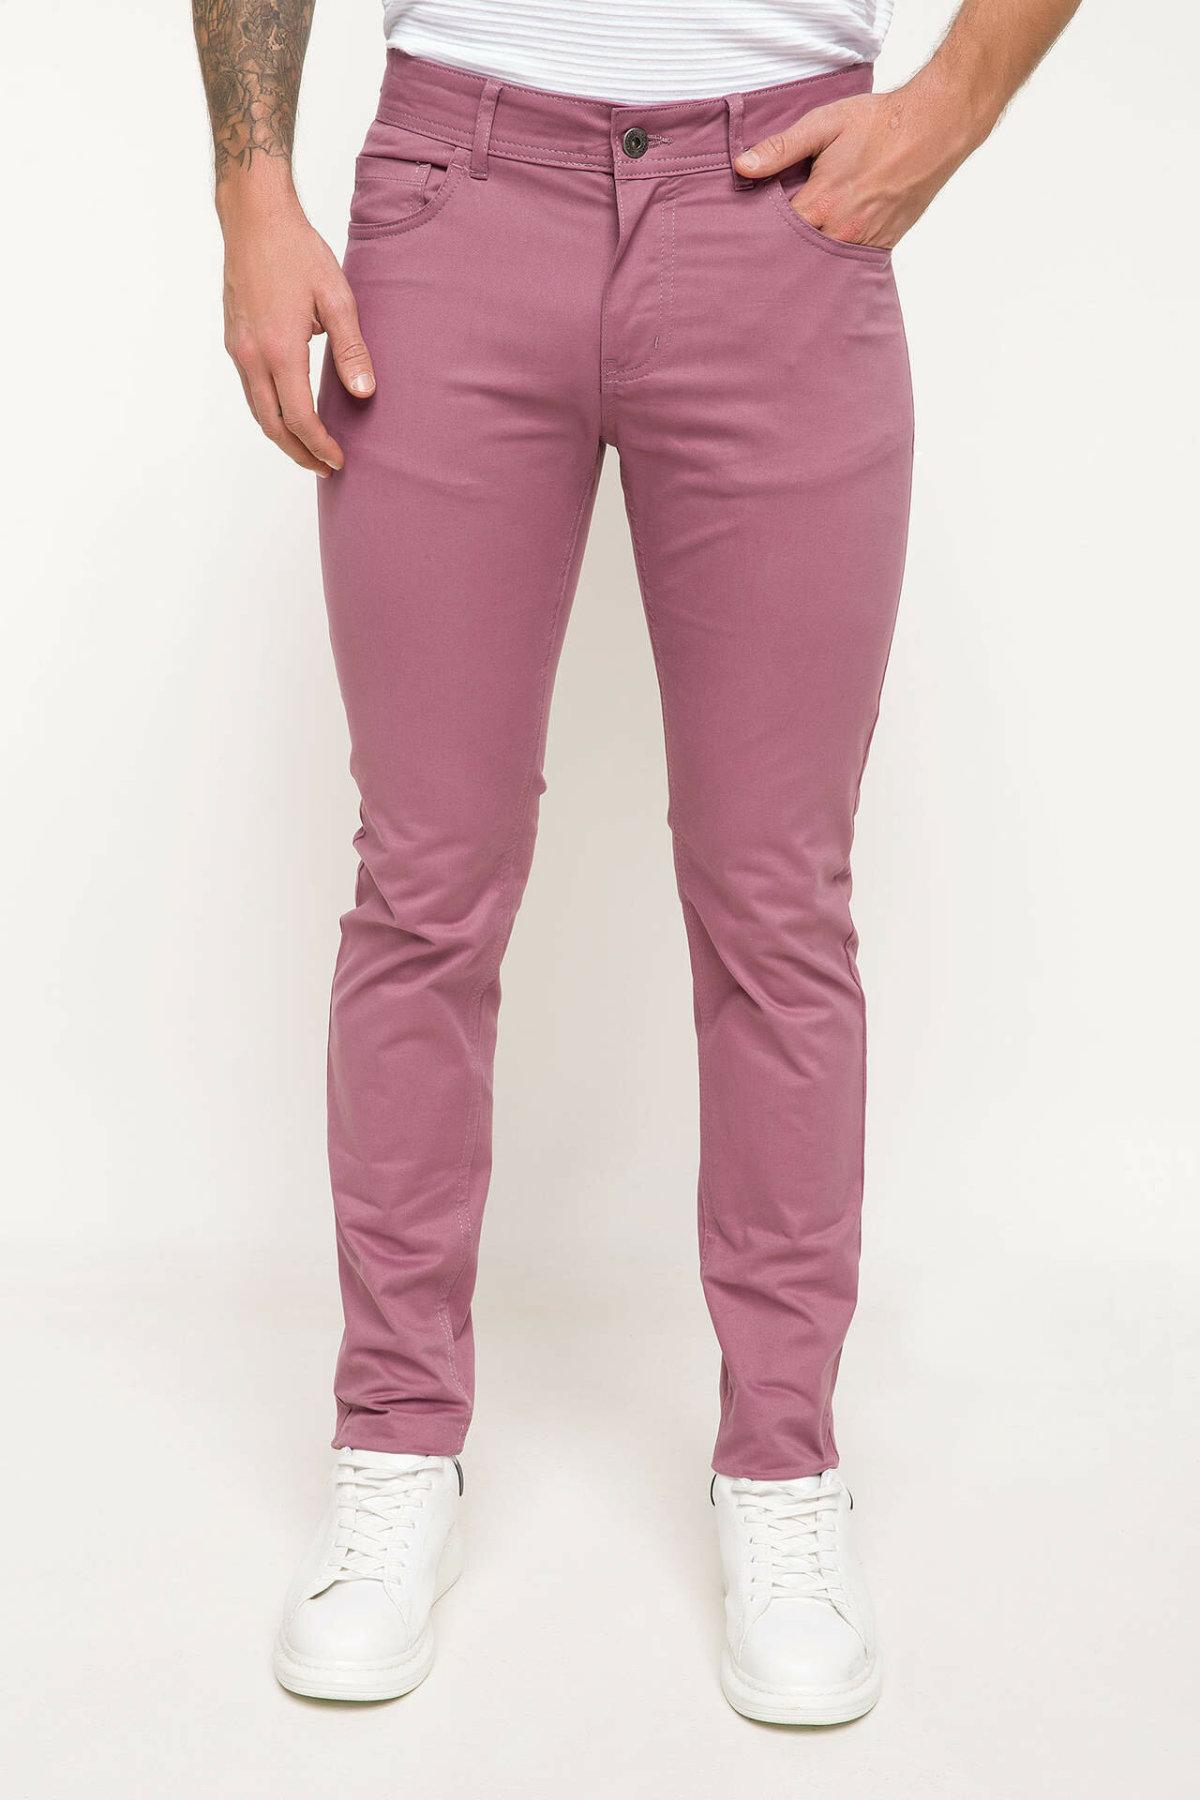 DeFacto Spring Pink Color Long Pants Men Casual Bottoms Men Trousers Male Skinny Fit Long Pants-I3518AZ18SP